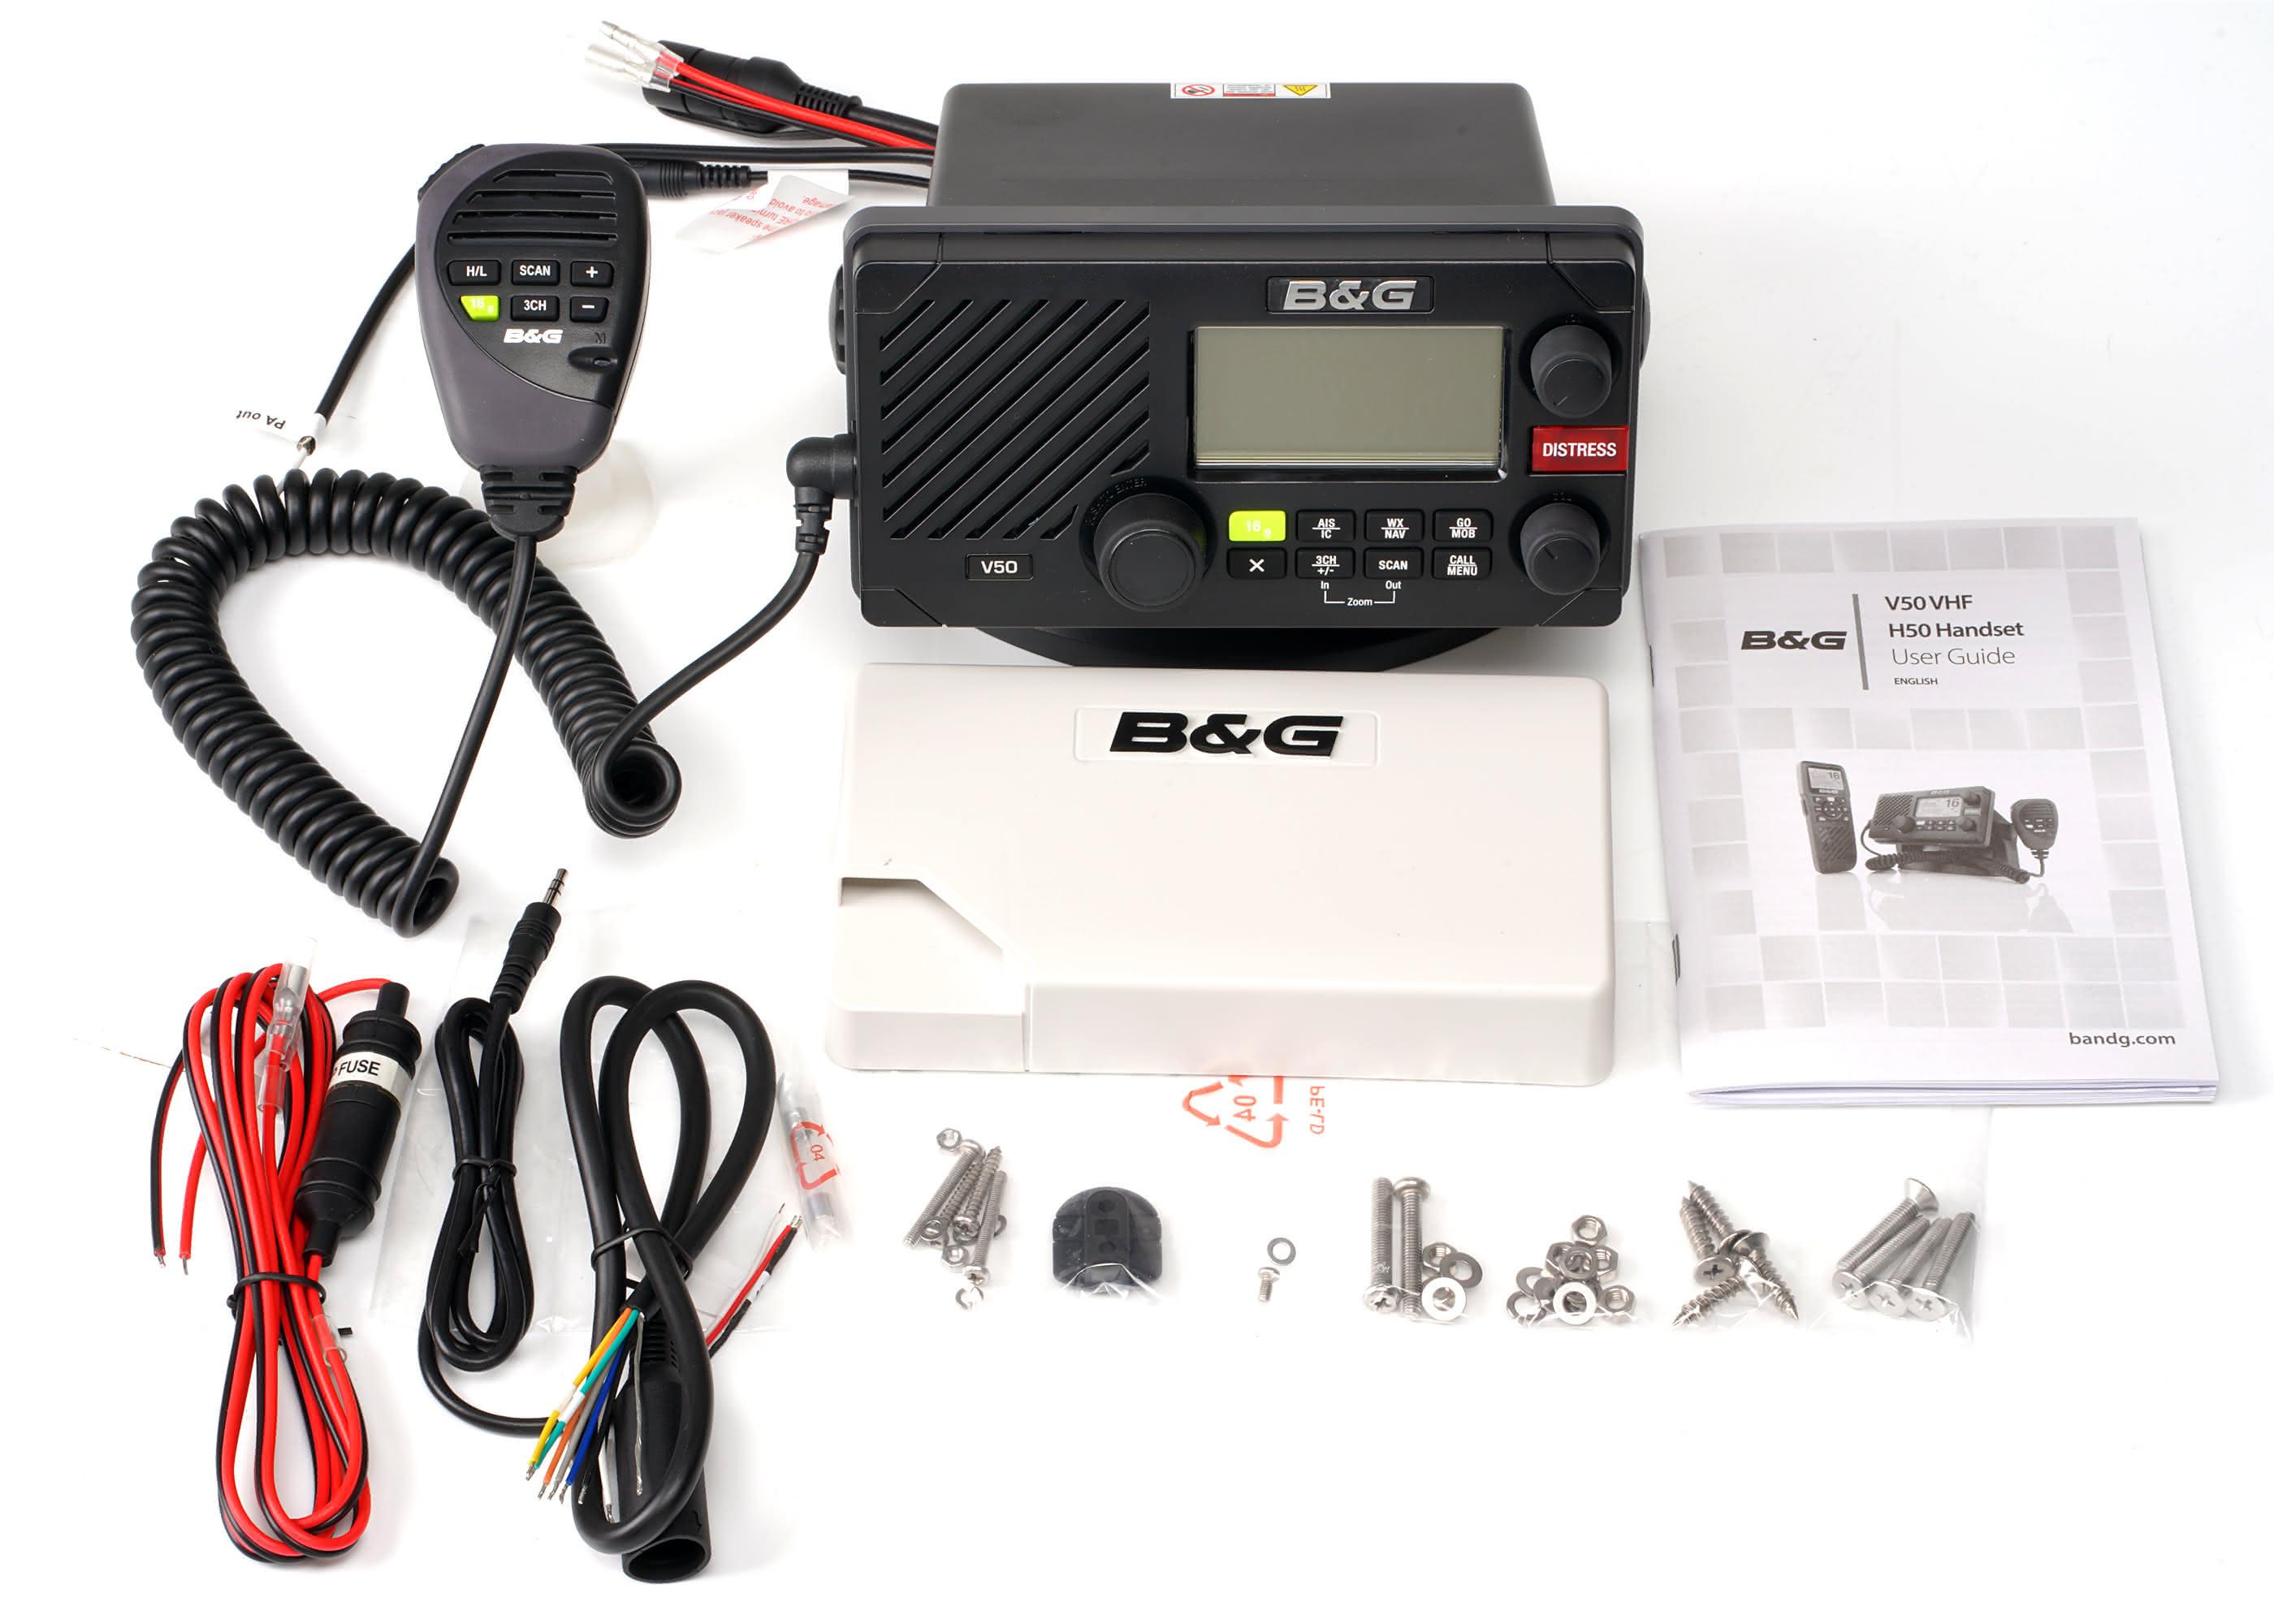 93656-B+G-DSC-UKW-Funke-V50-4.jpg